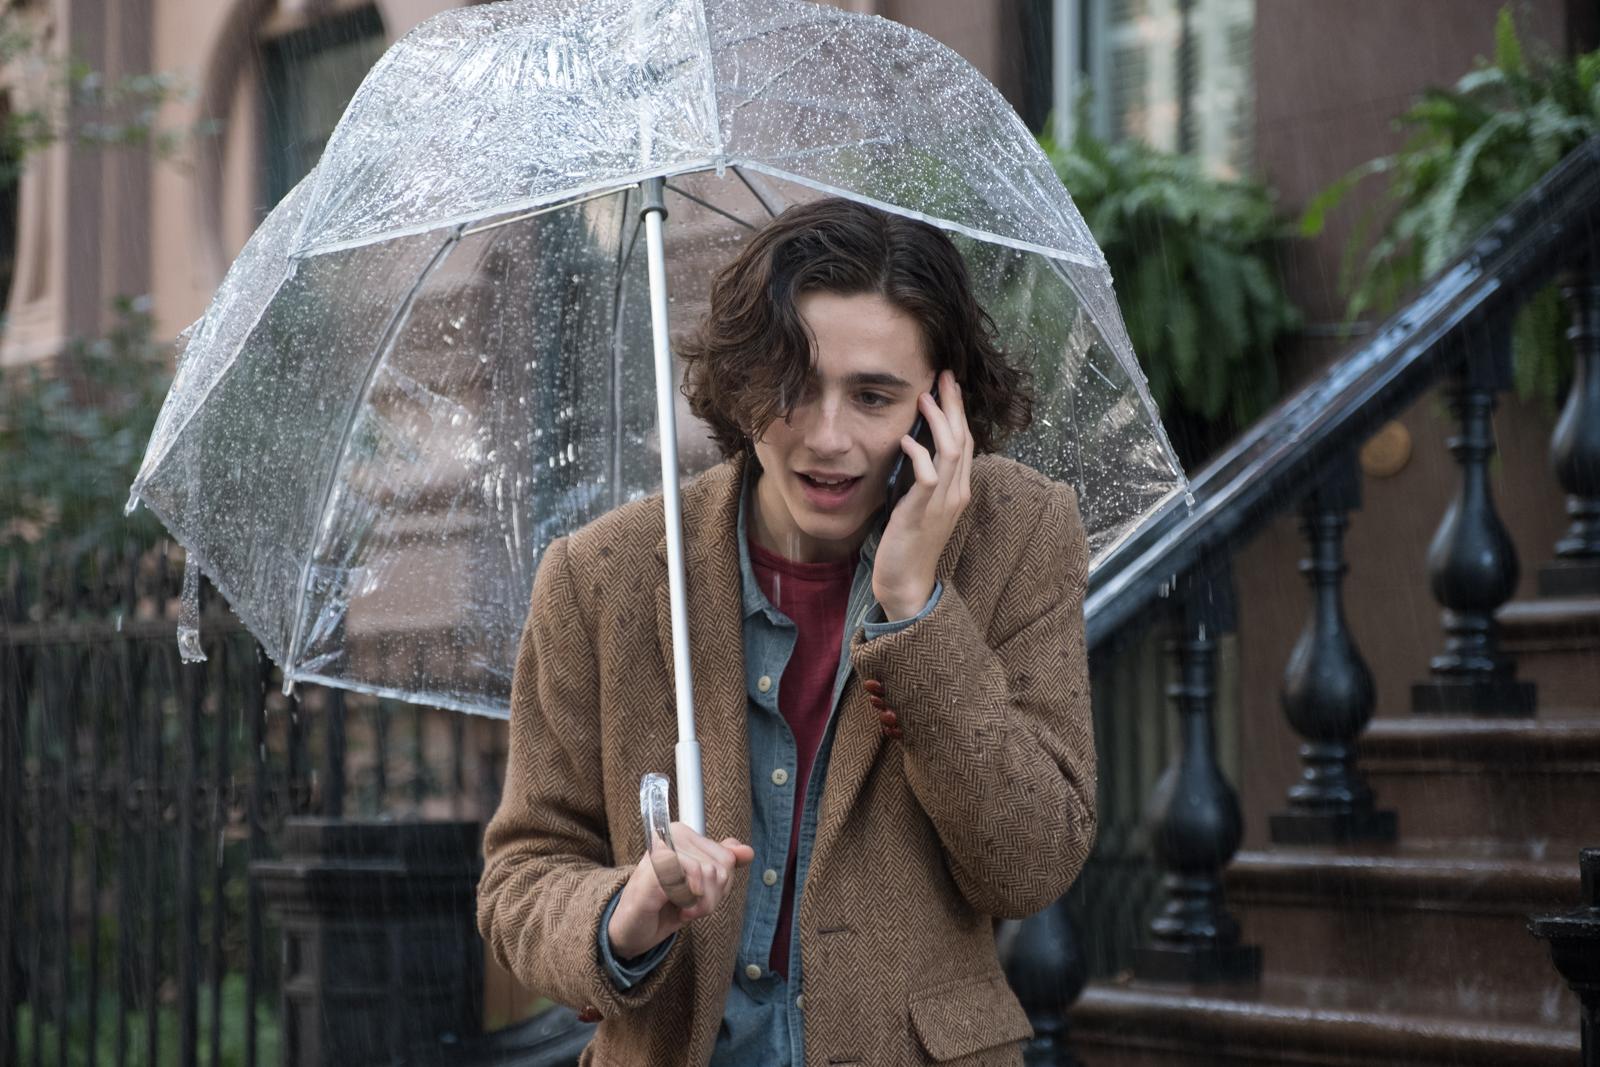 Дождливый день в Нью-Йорке, кадр № 5